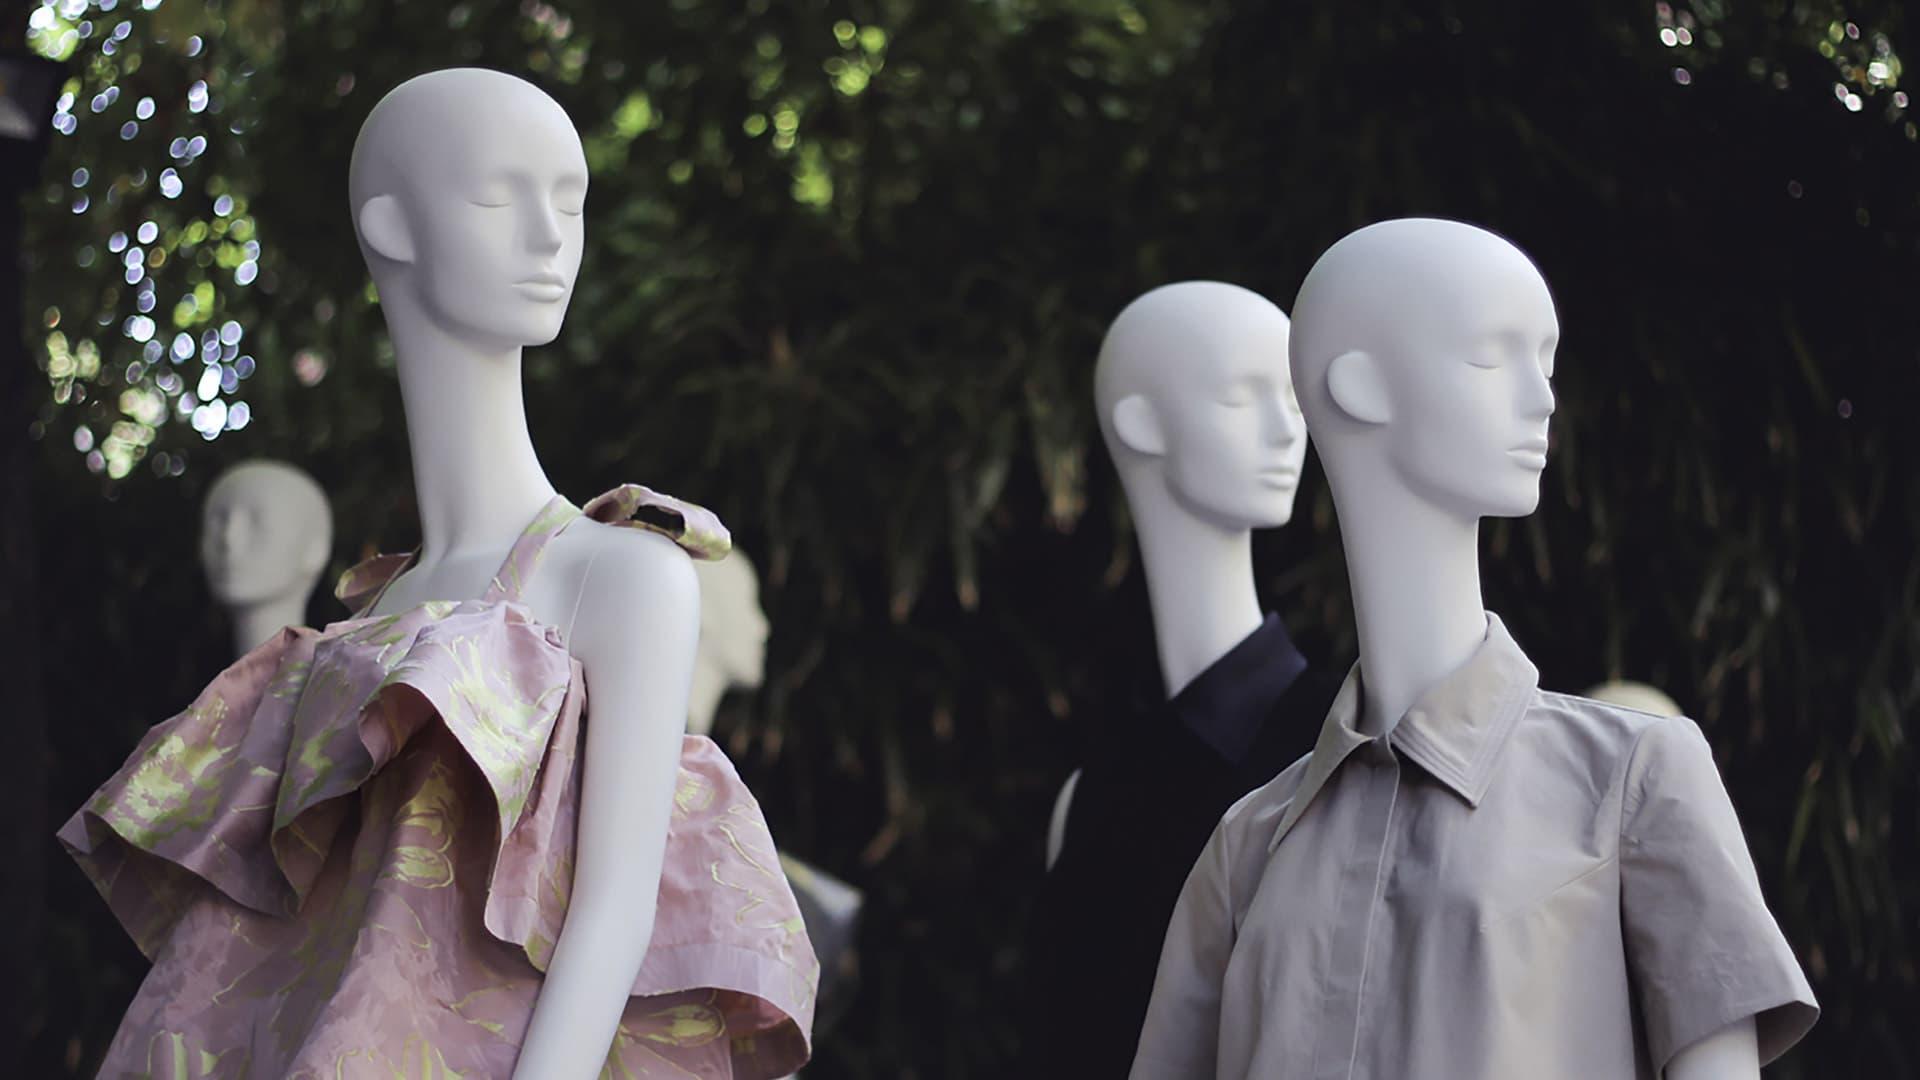 maniquies de moda 2